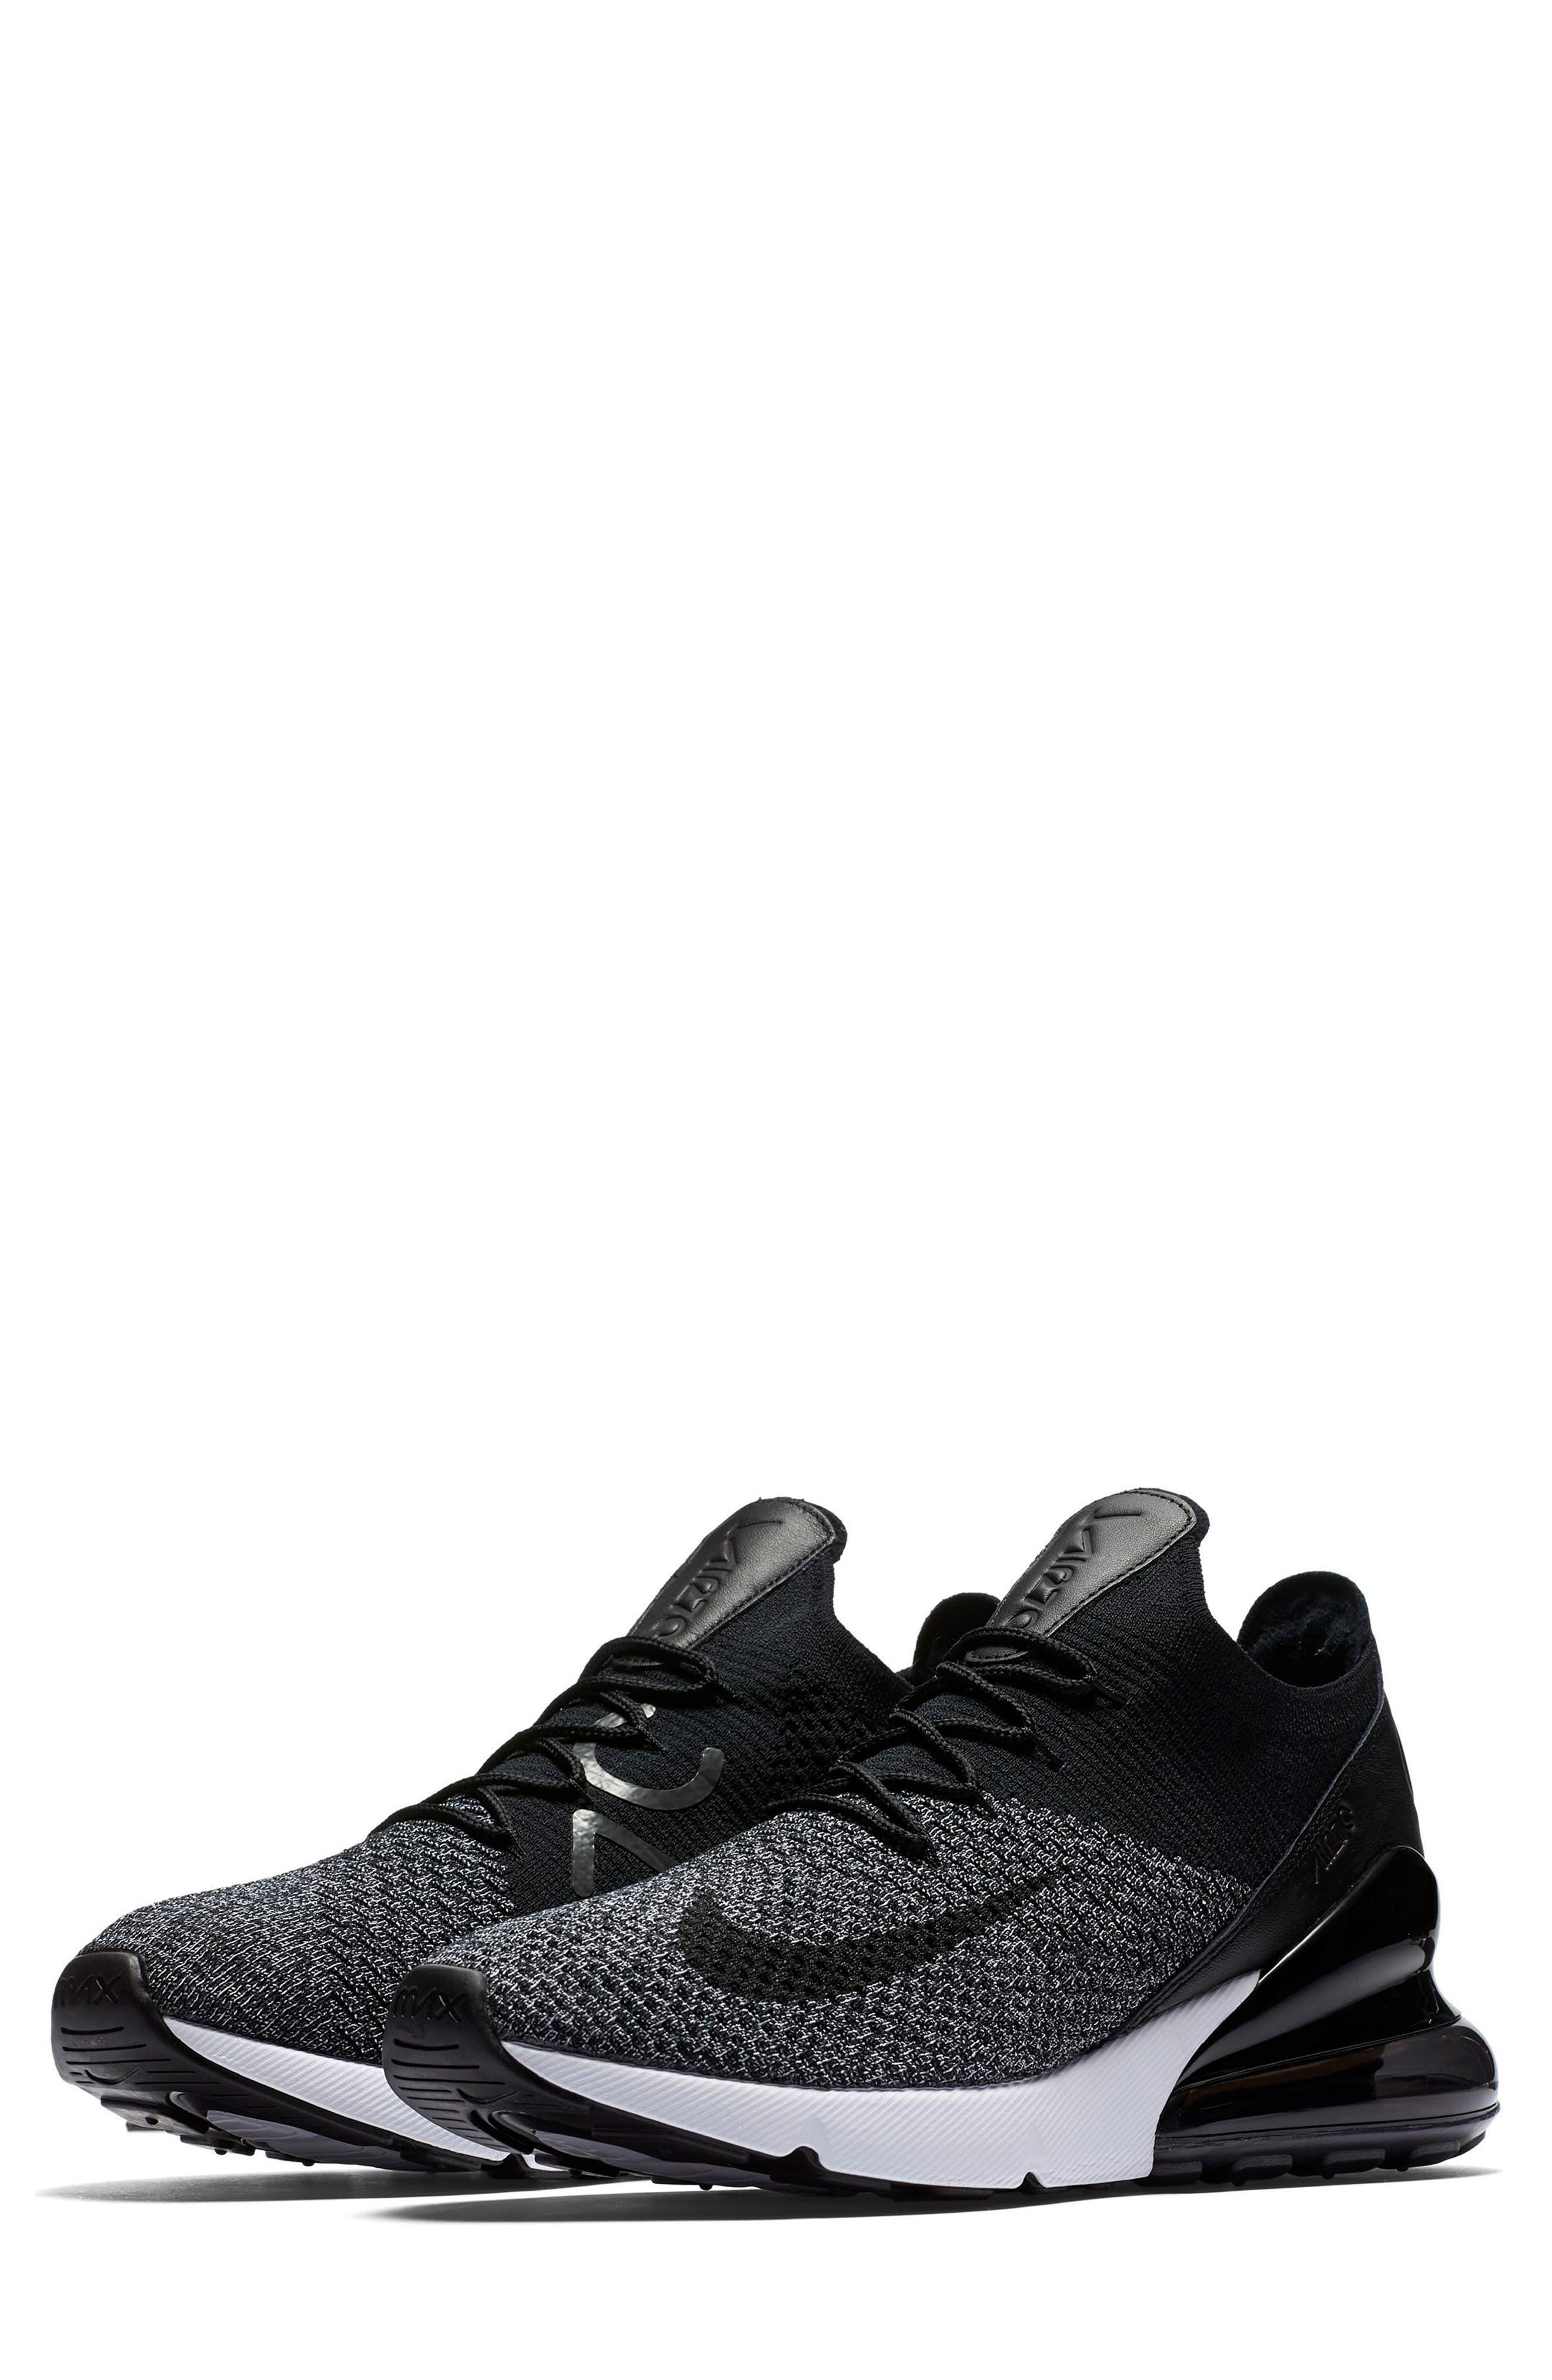 Air Max 270 Flyknit Sneaker,                             Main thumbnail 1, color,                             001